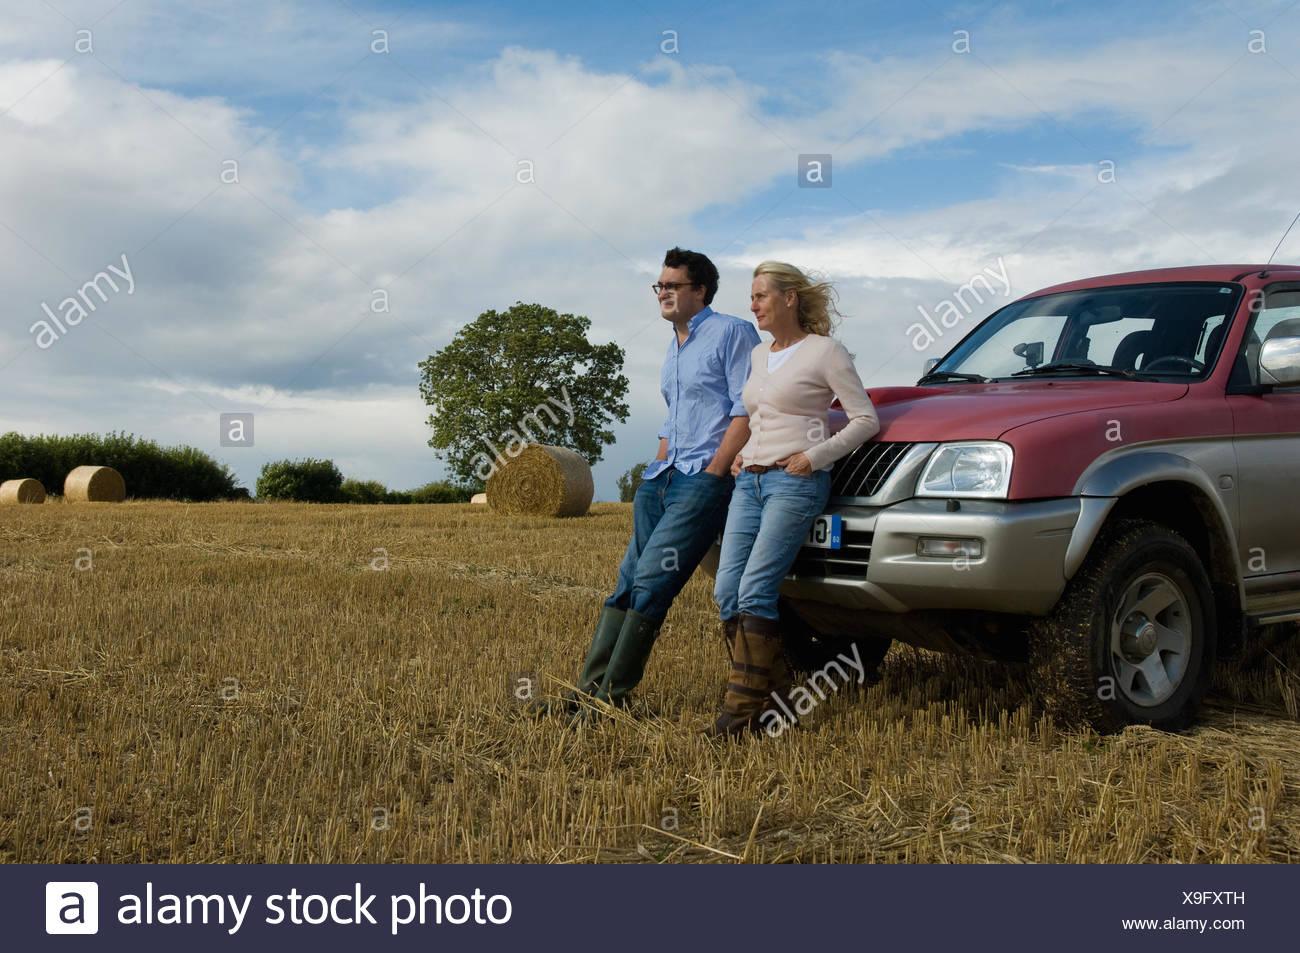 Appuyé contre la mère et le fils d'entraînement à quatre roues dans le champ moissonné Photo Stock